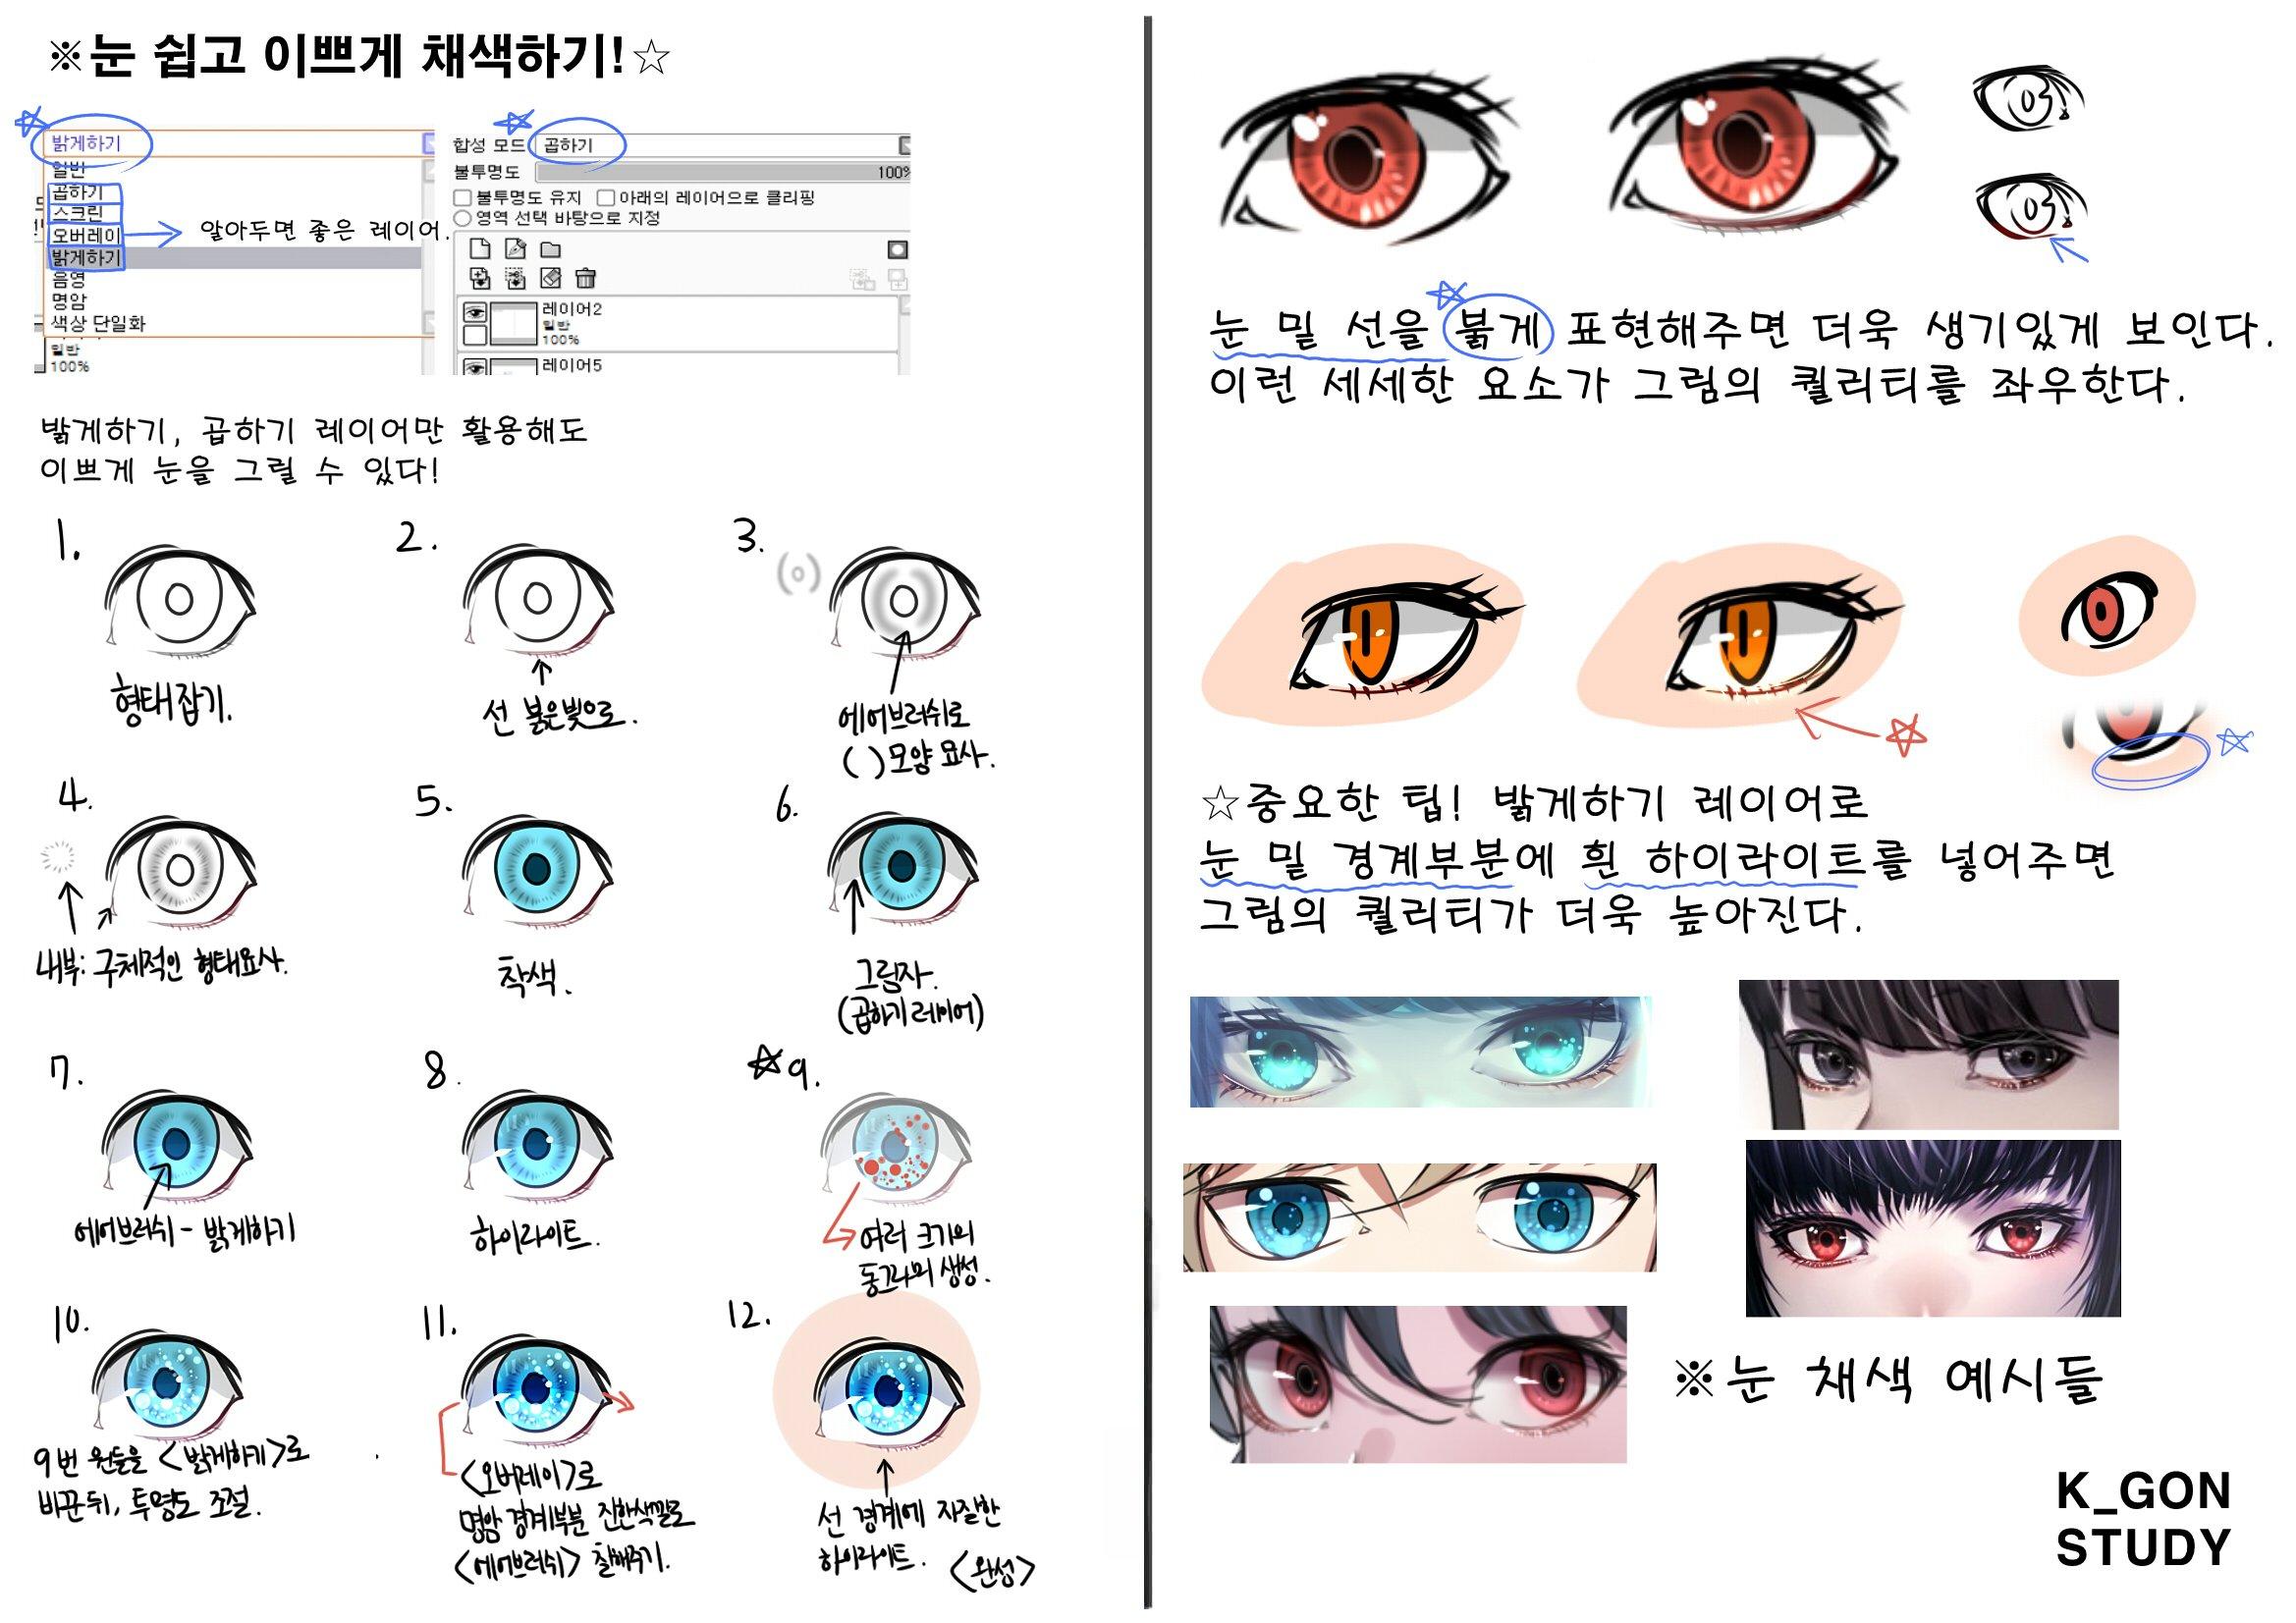 케이곤의 사이툴 기초 얼굴 드로잉/채색 강좌 2 - 눈 쉽고 이쁘게 채색하기!